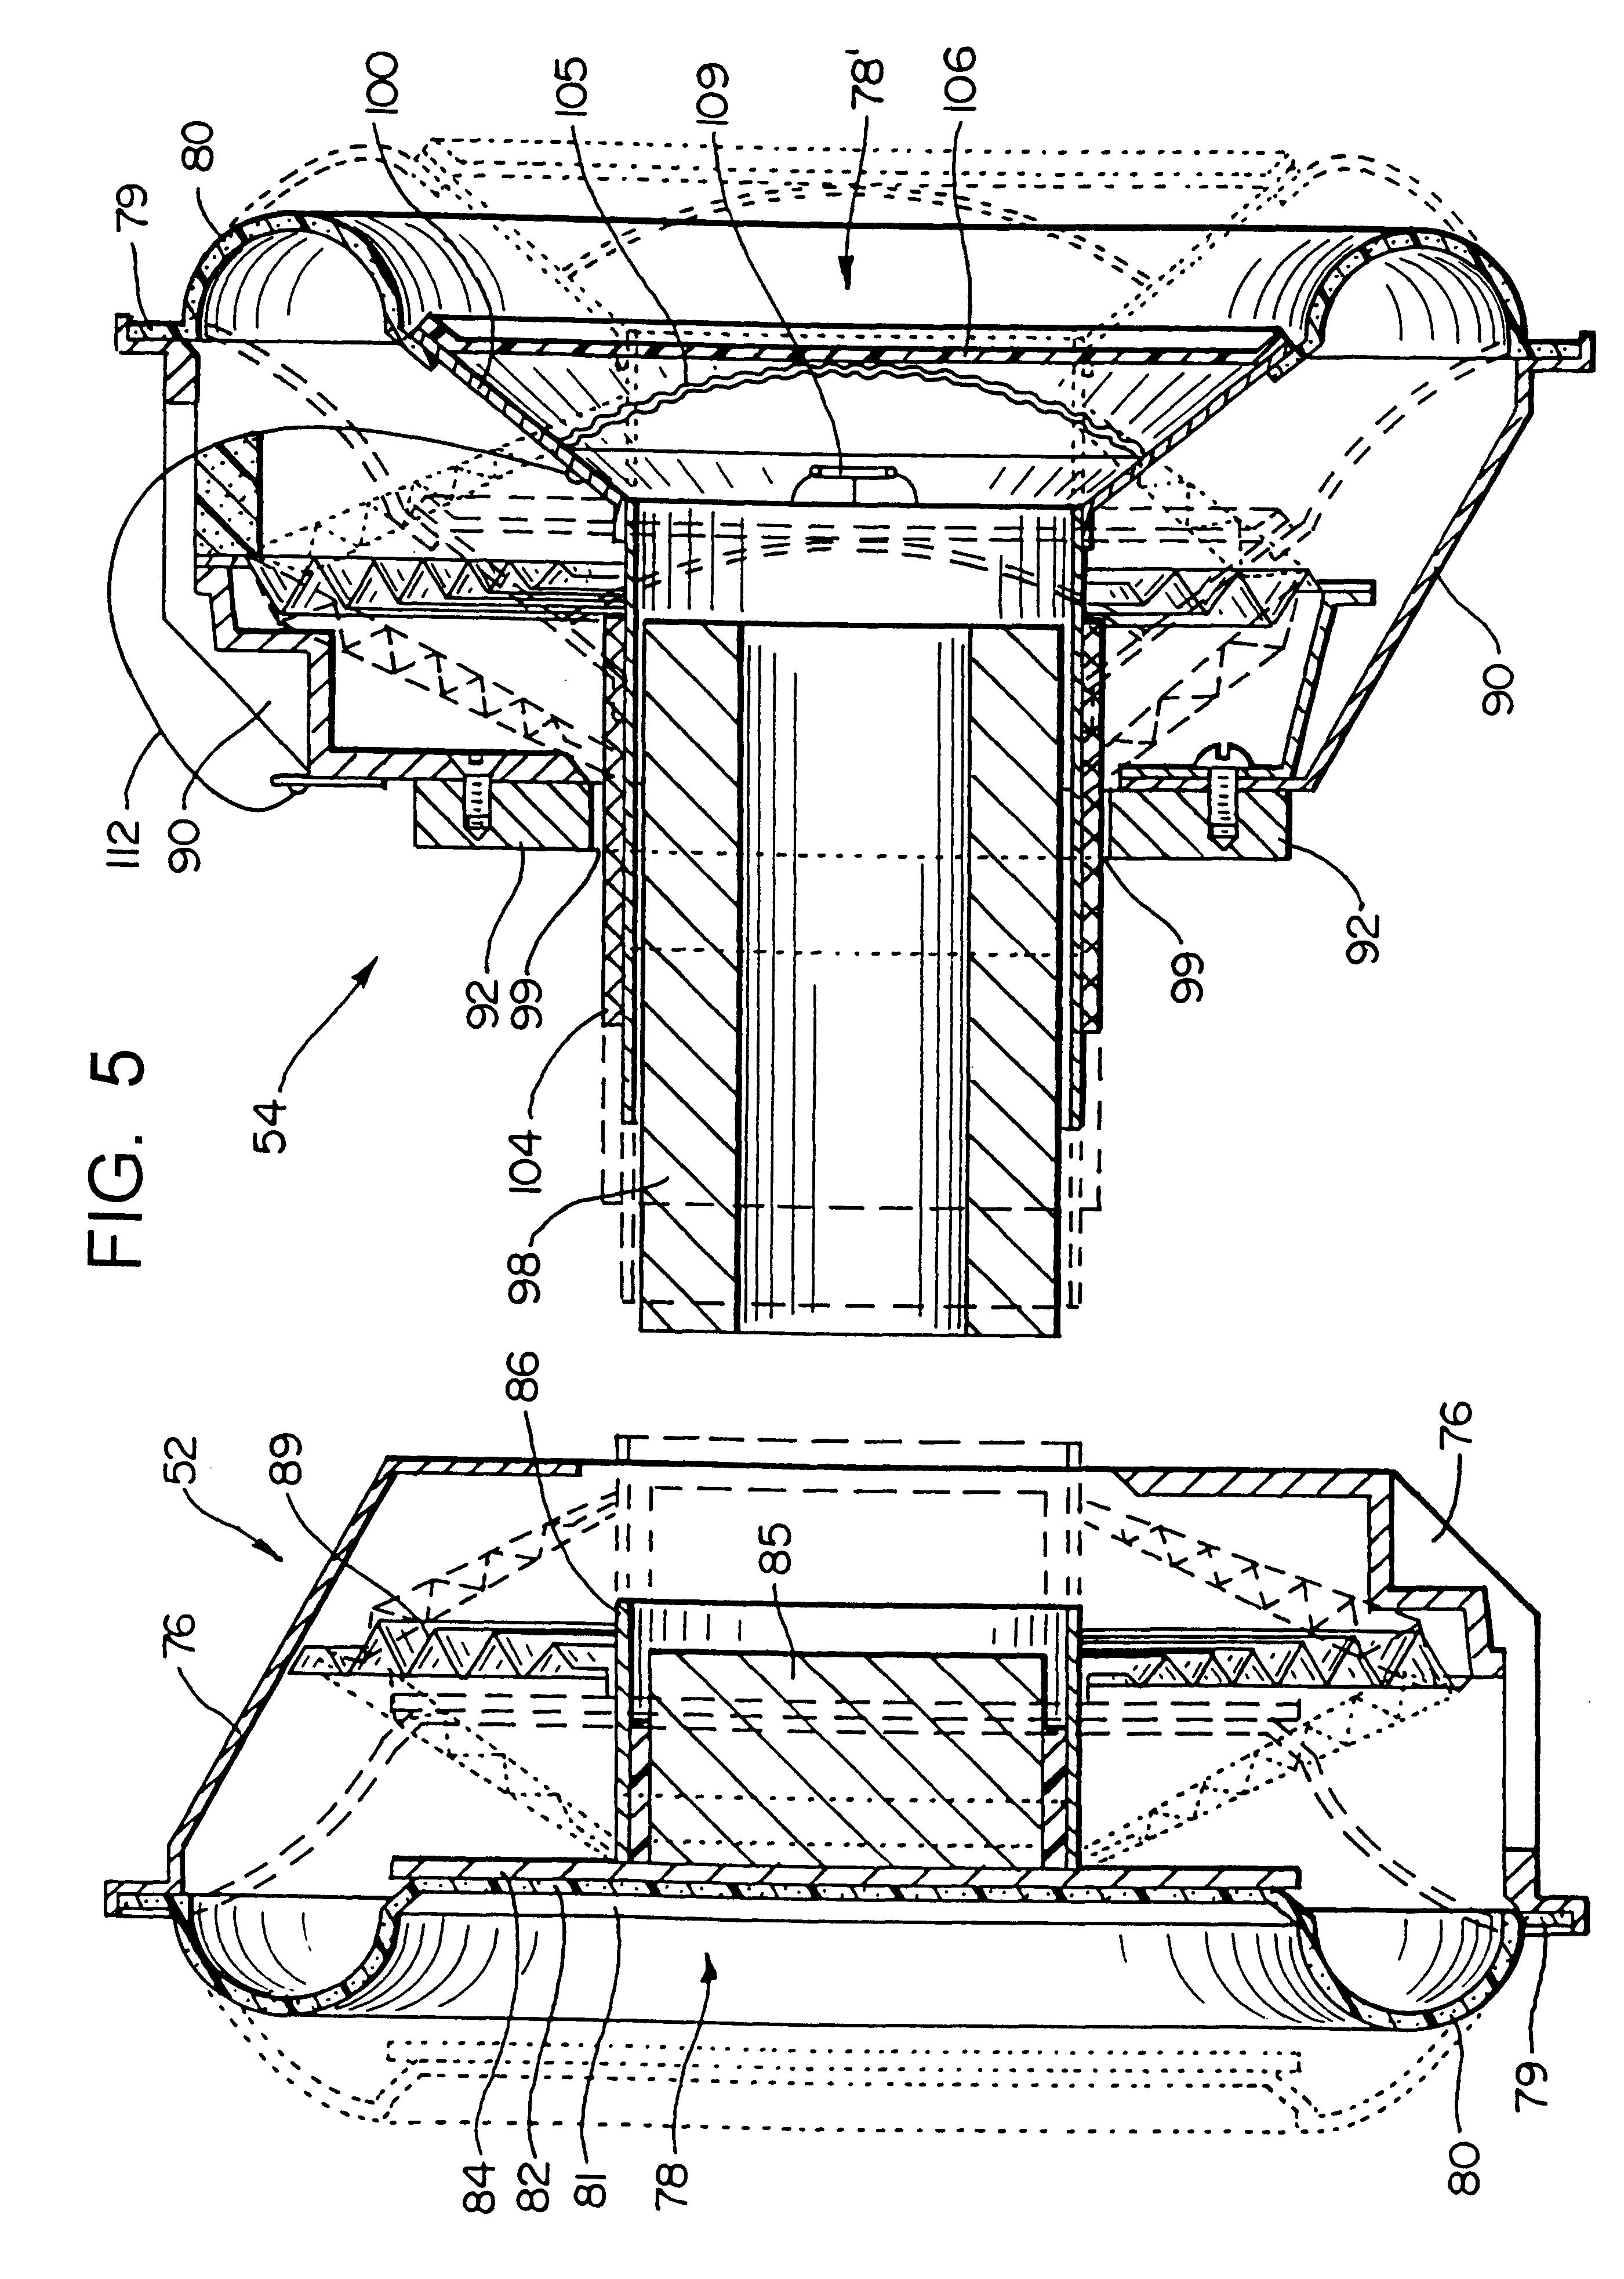 patent us6566960